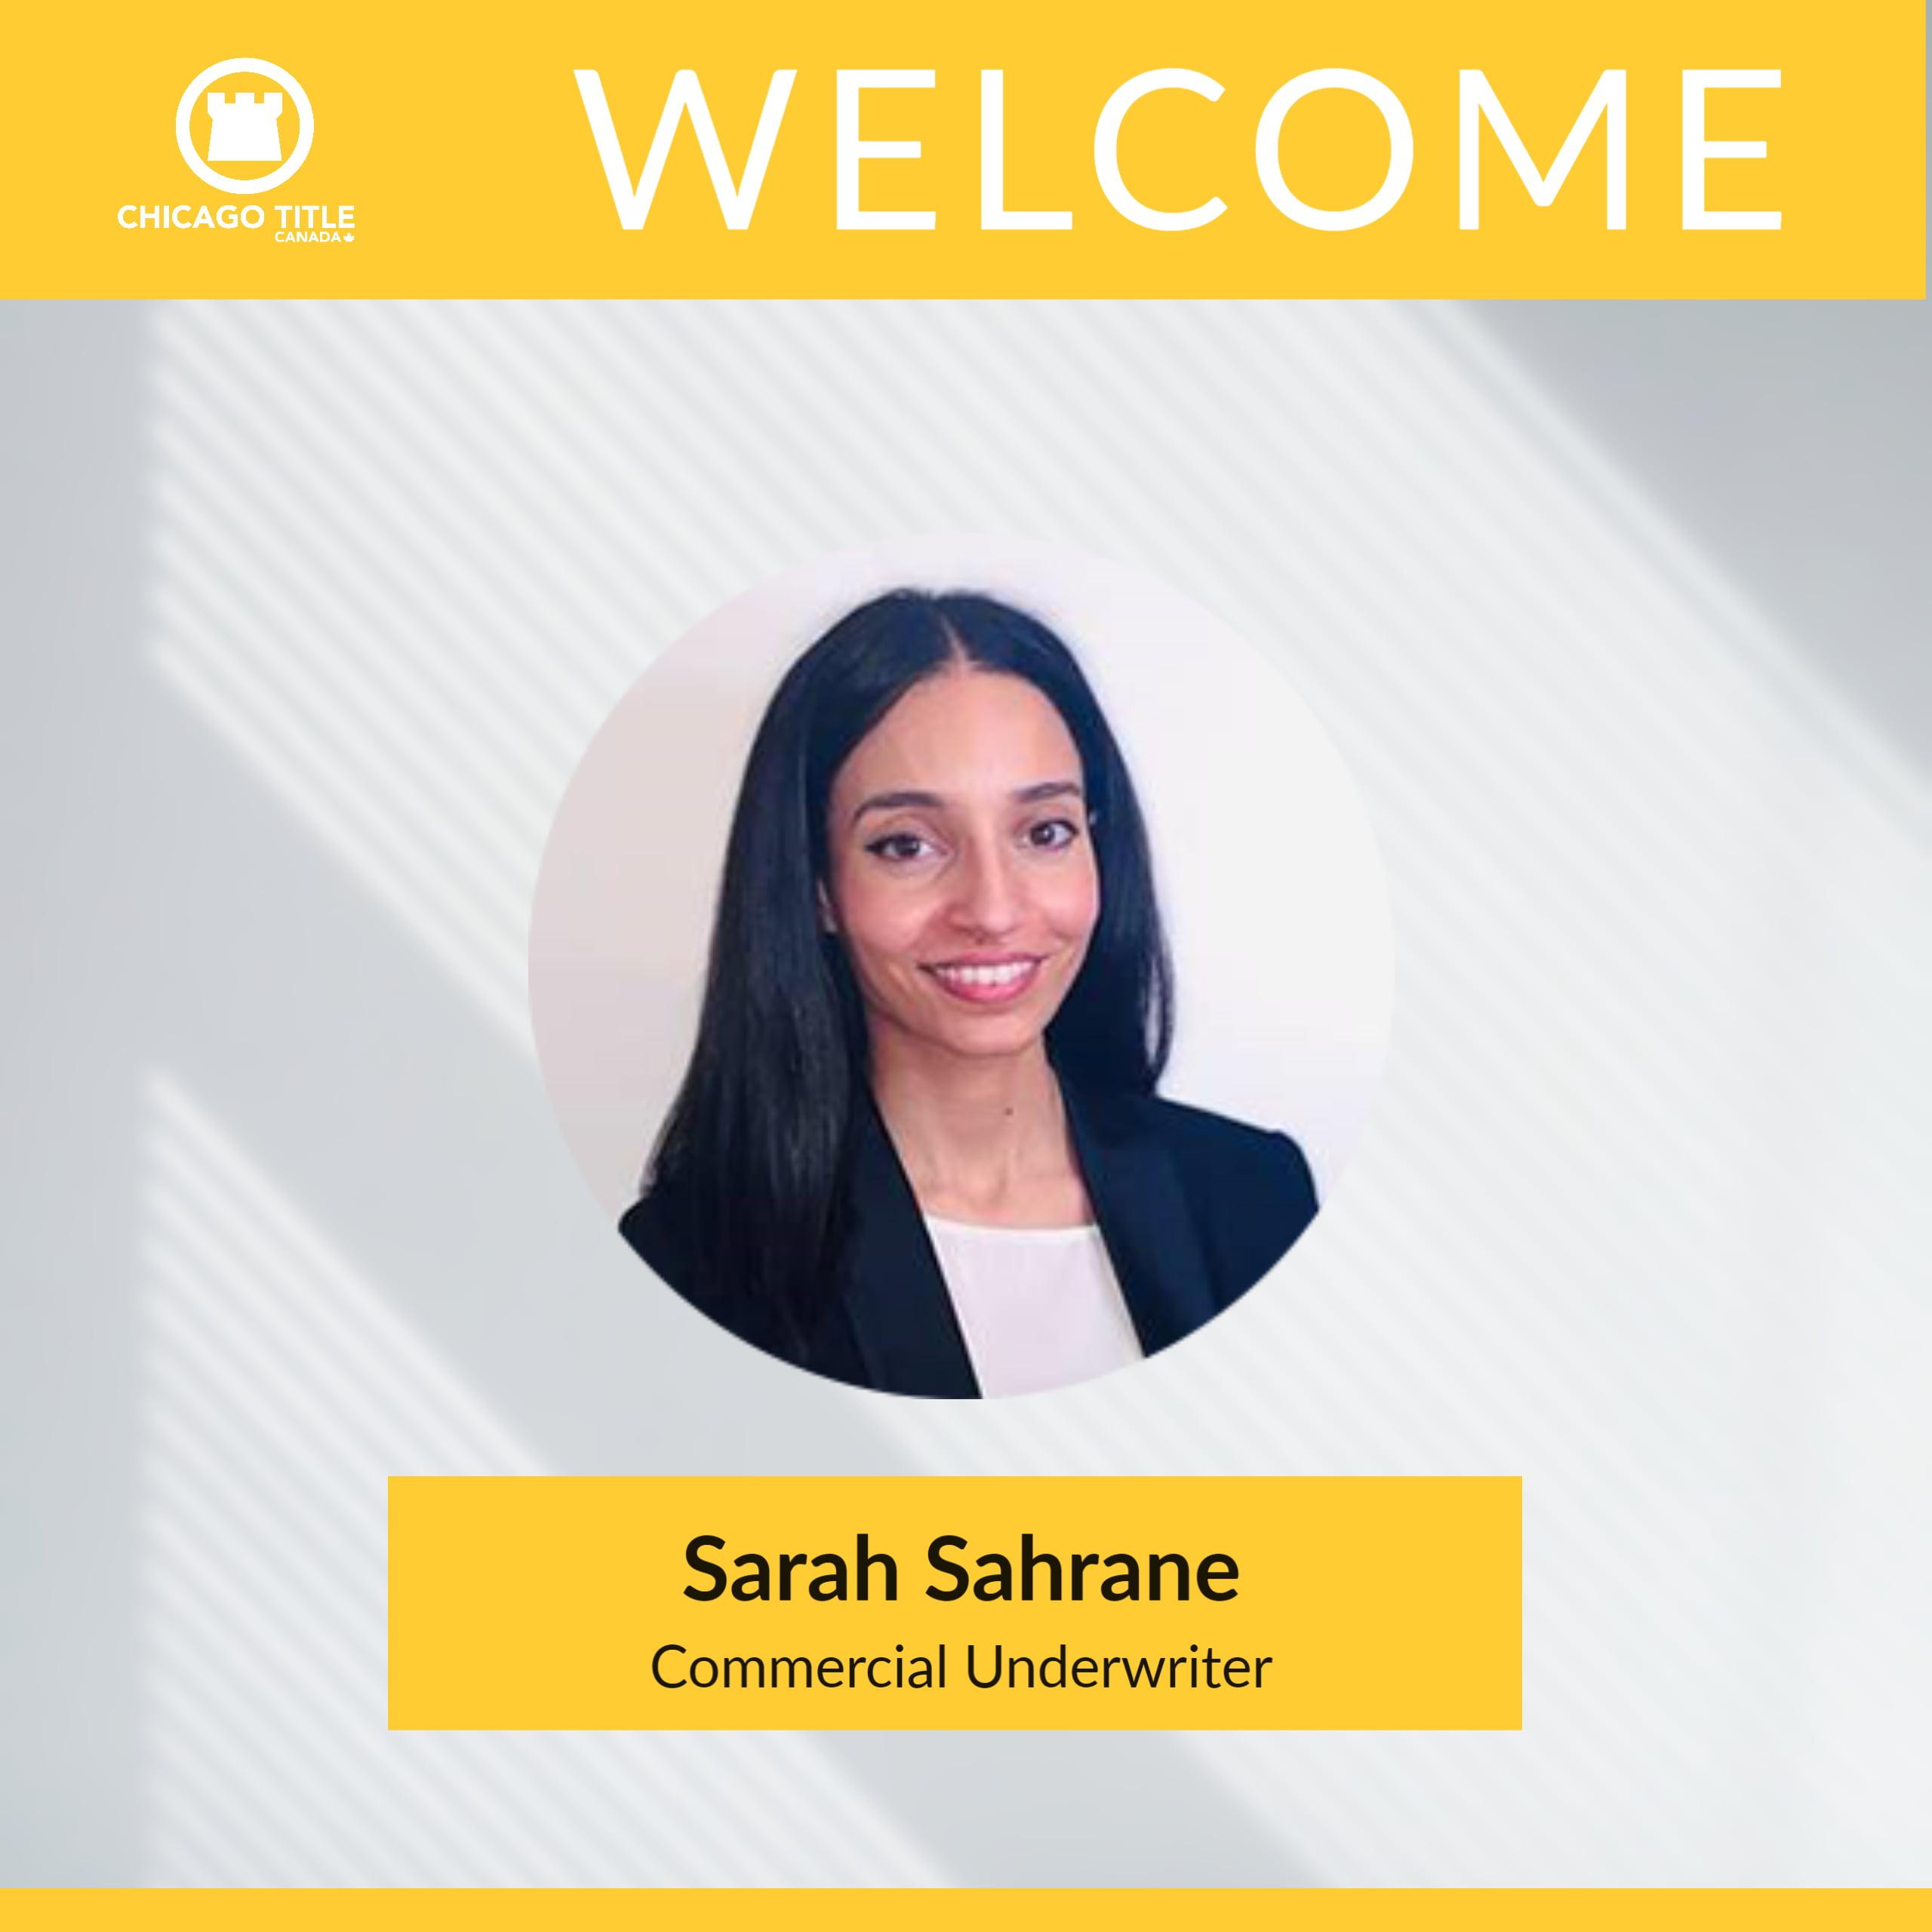 Sarah Sahrane